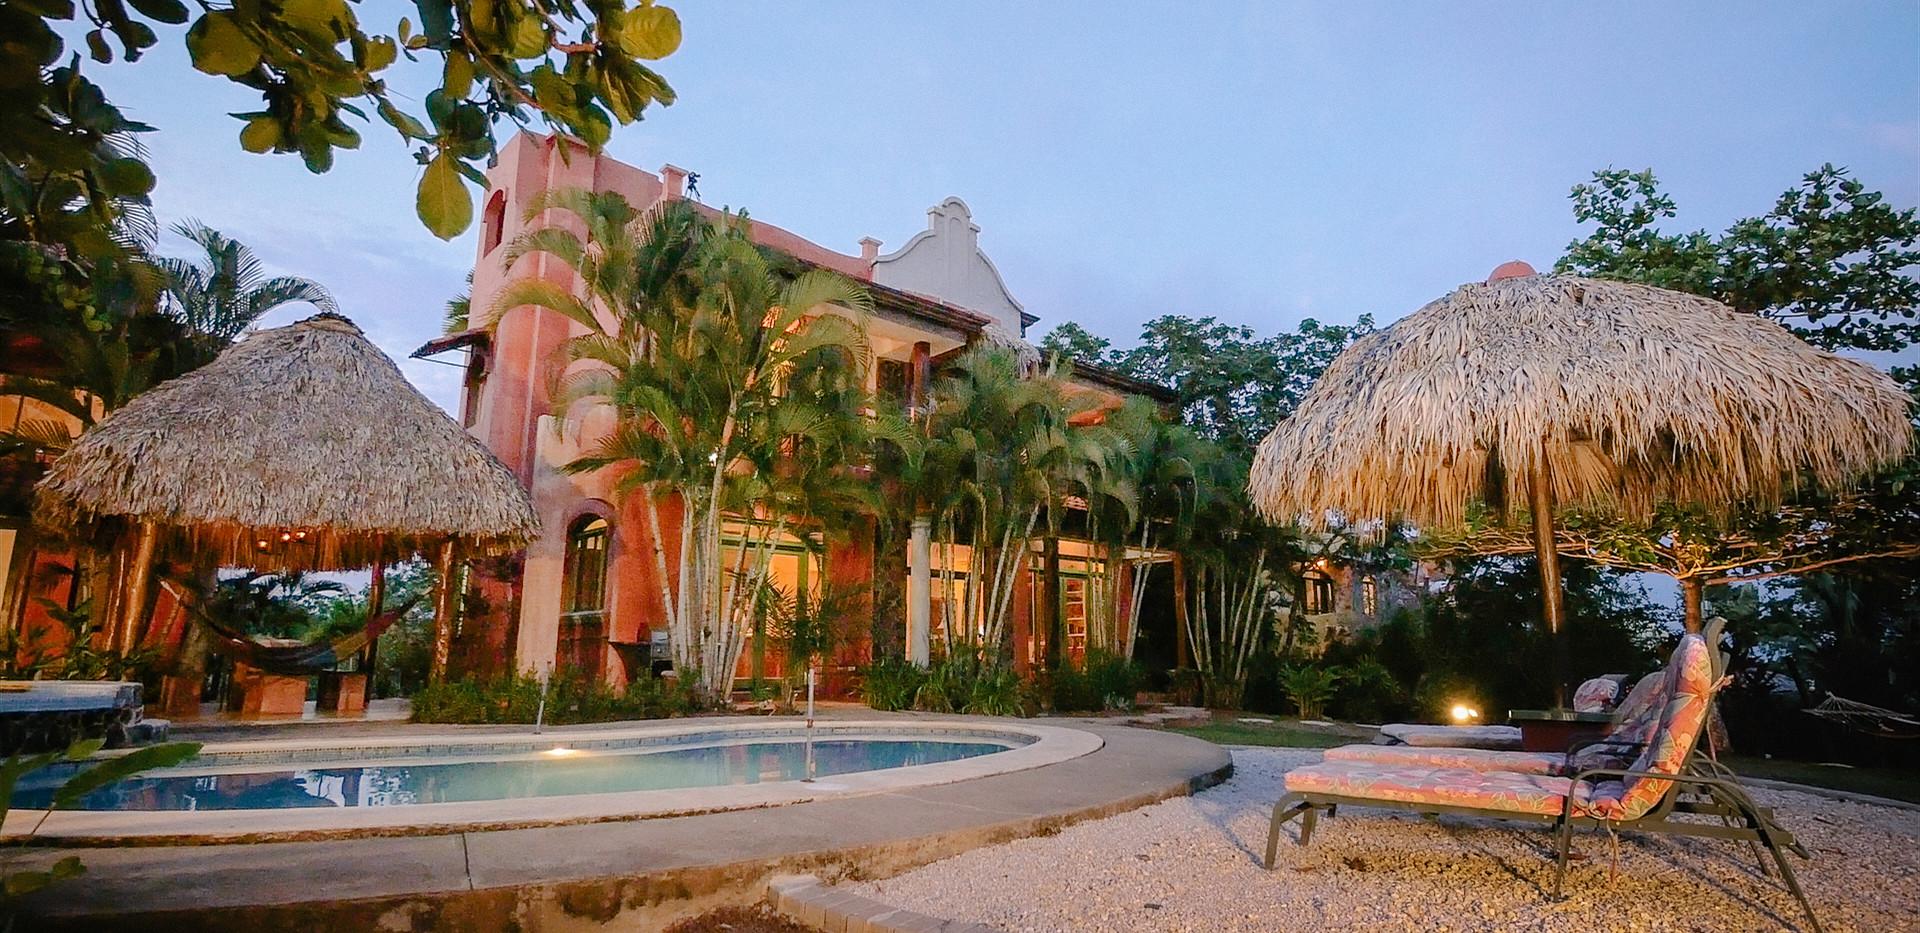 Casa Oceana Pool Side.jpg